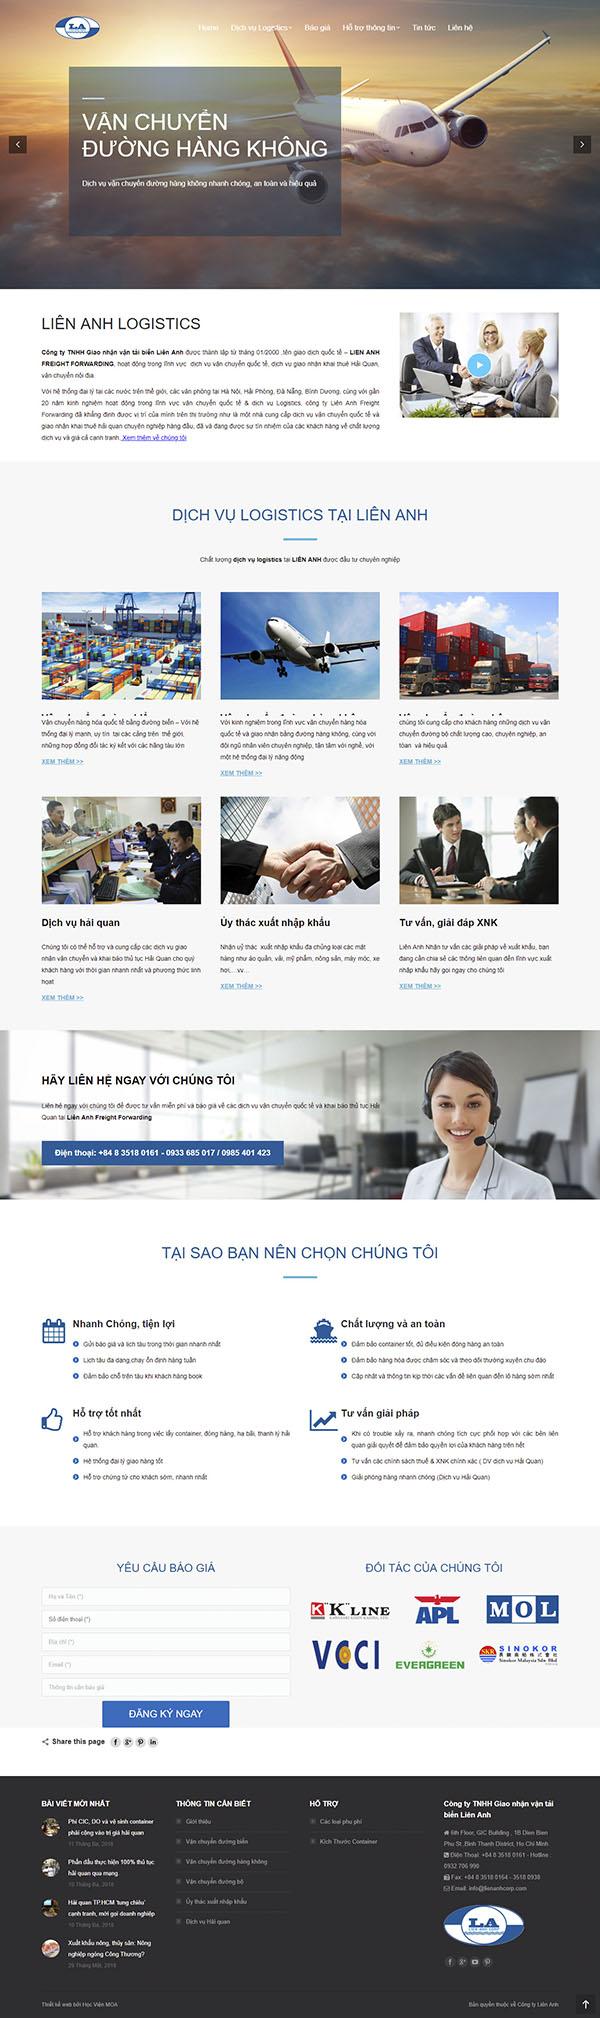 Thiết kế Mẫu Website Công Ty Vận Tải VT09